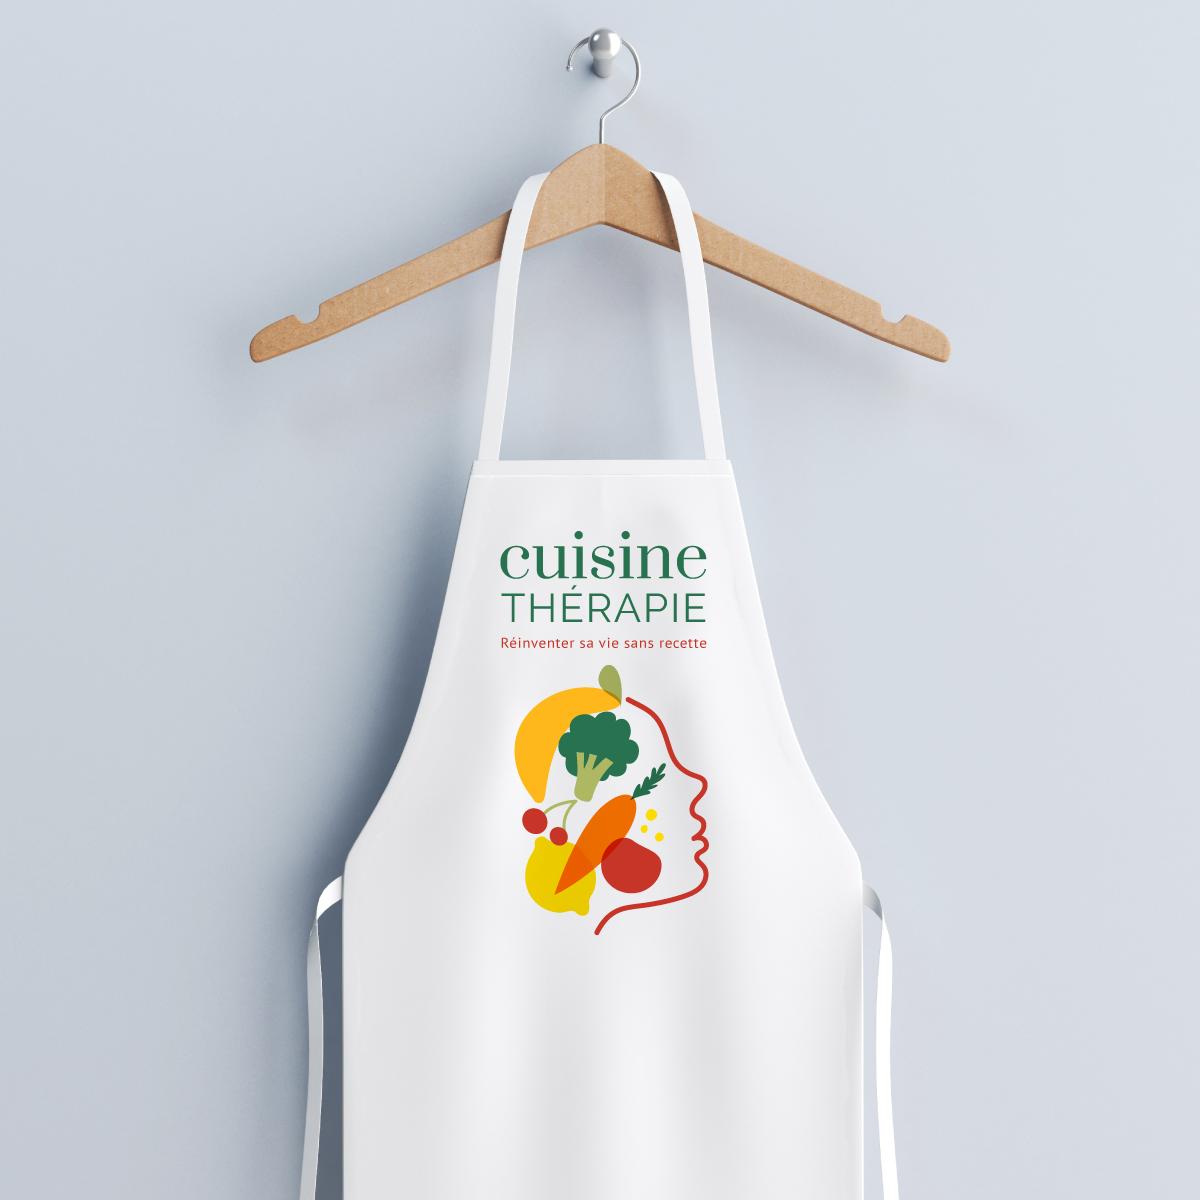 image-portfolio-cuisine-therapie-10